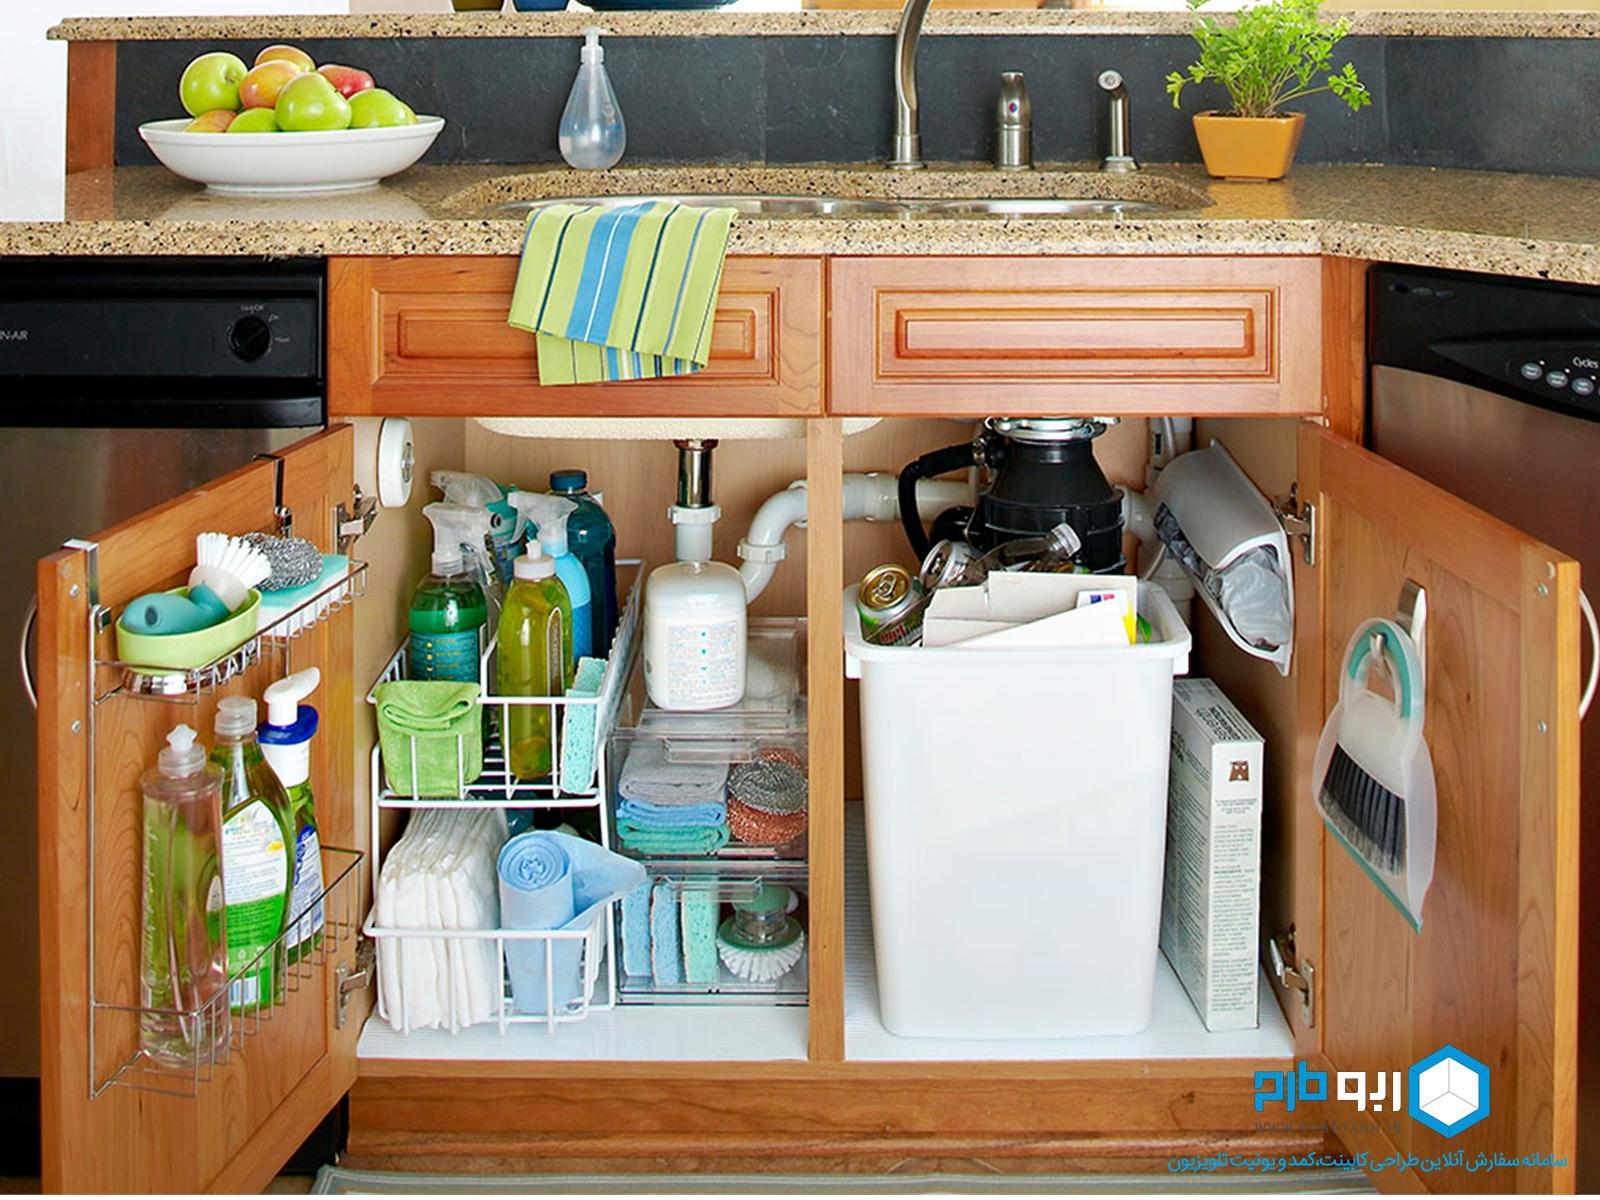 کابینت زیر سینک ظرفشویی